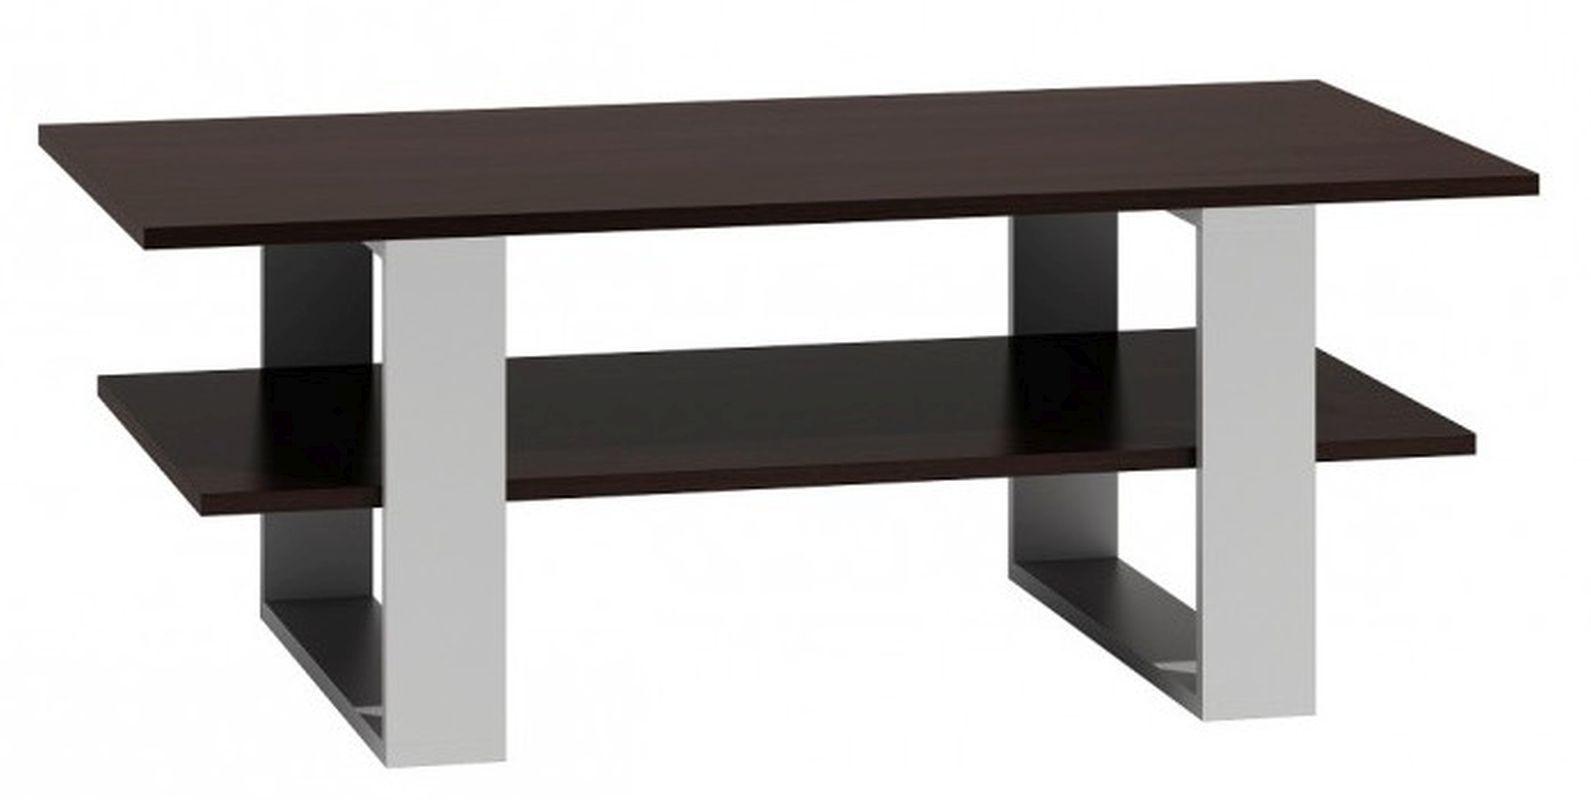 lawa stolik kawowy salon 120x45x60 wenge mix1